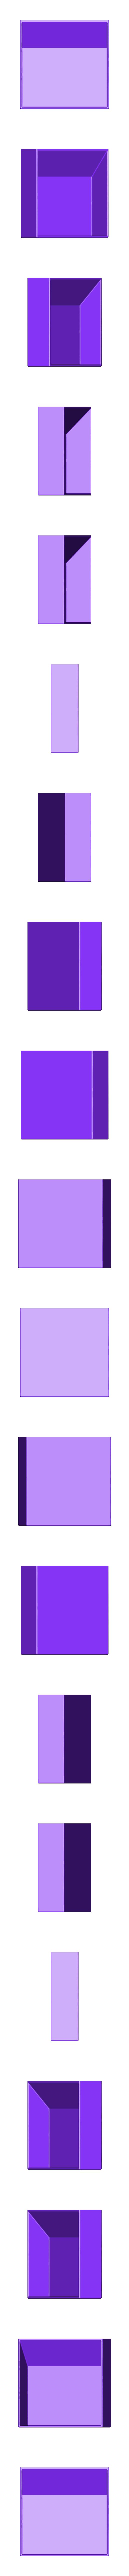 large_drawer.stl Download free STL file Storage Cubes • 3D print object, Morcelkin